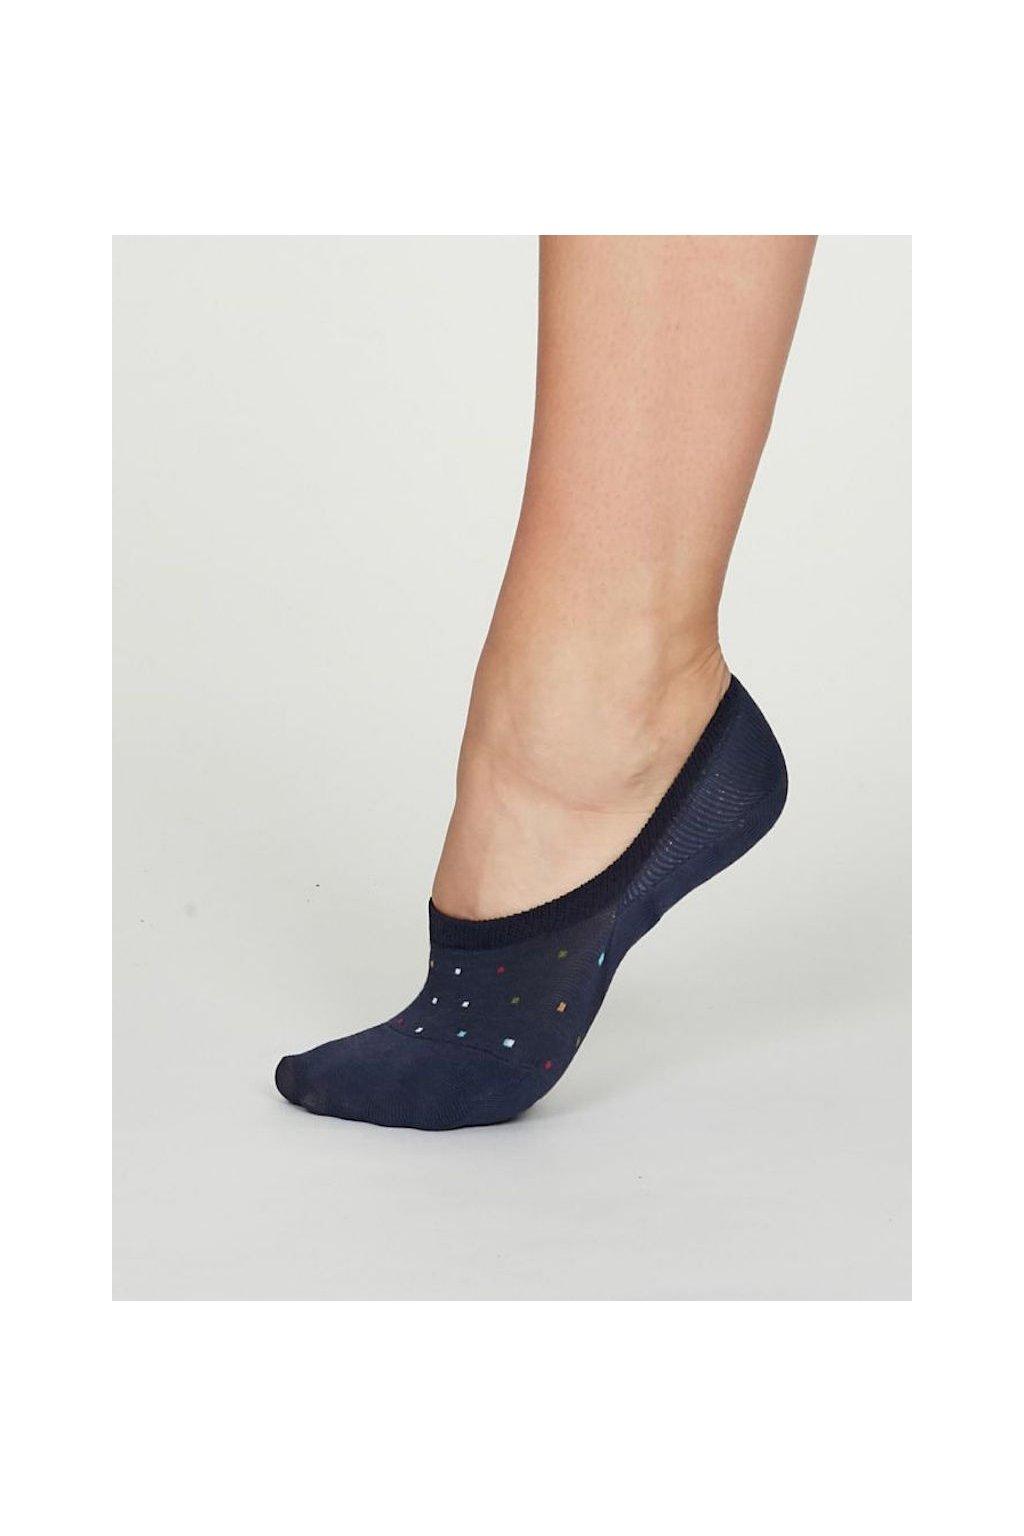 spw536 indigo blue ellen bamboo spot no show socks in indigo 1